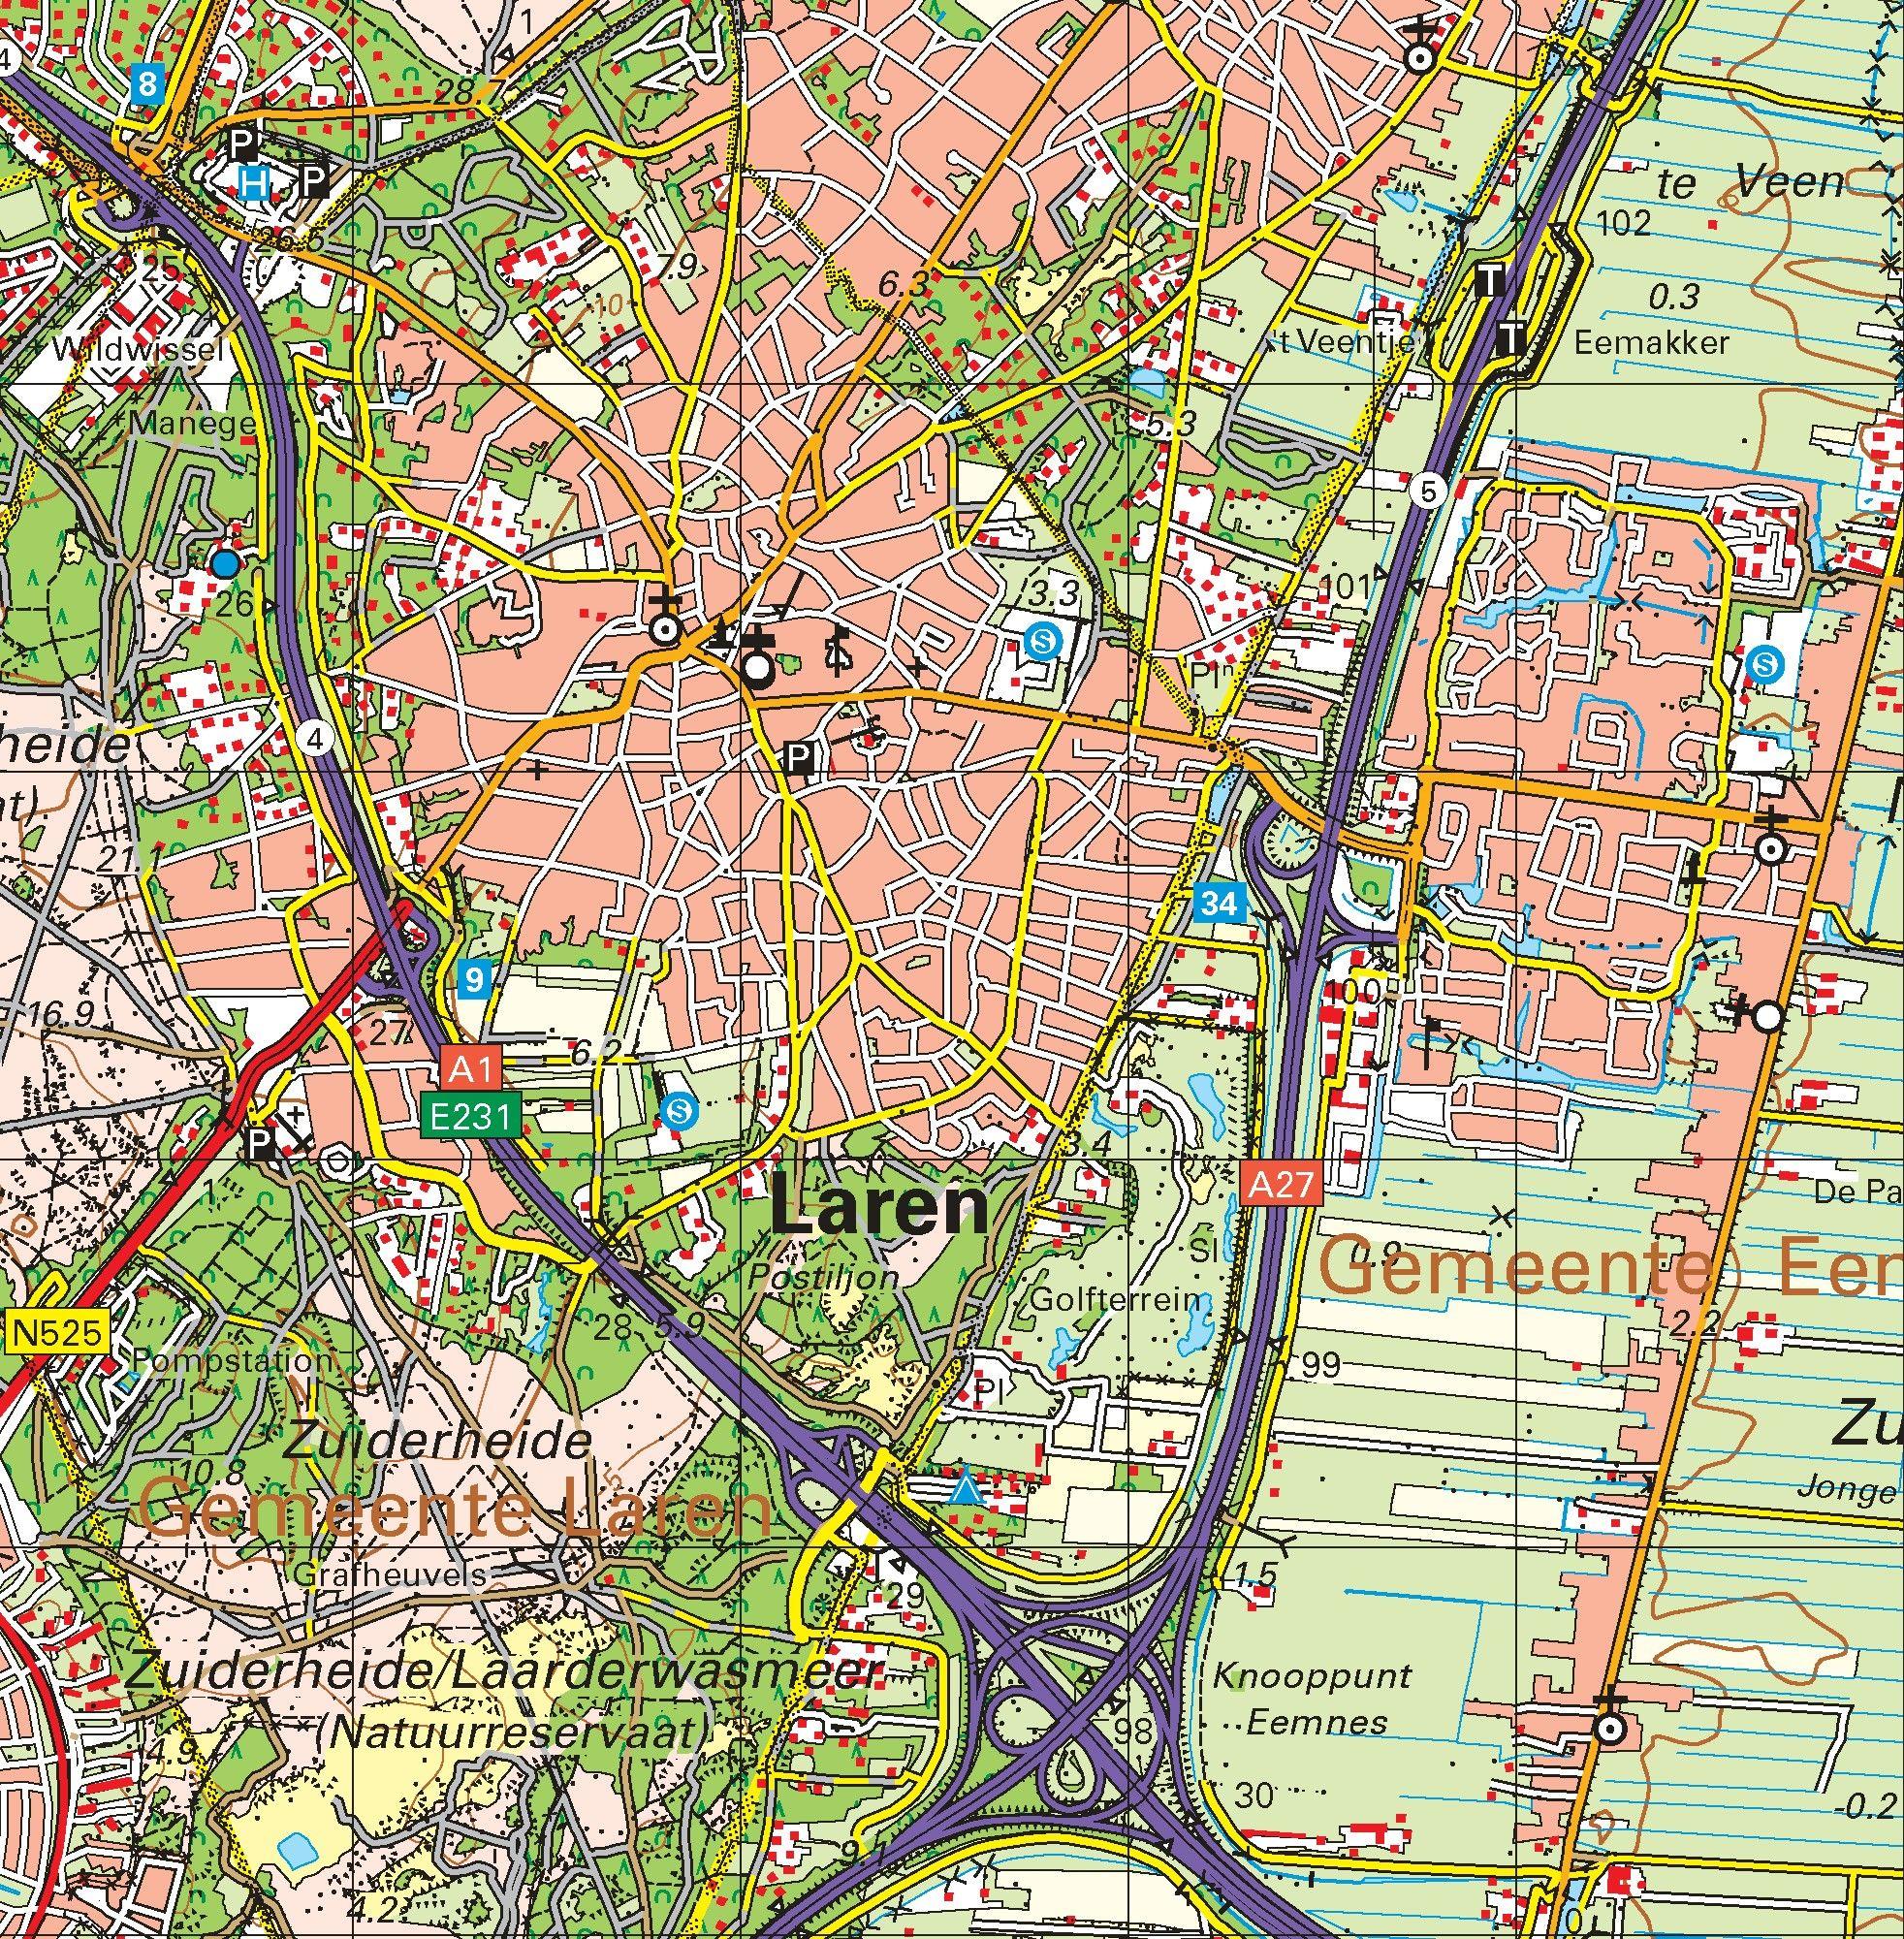 Topografische kaart schaal 1:50.000 (Amsterdam, Almere, Hilversum, Amersfoort, Utrecht)